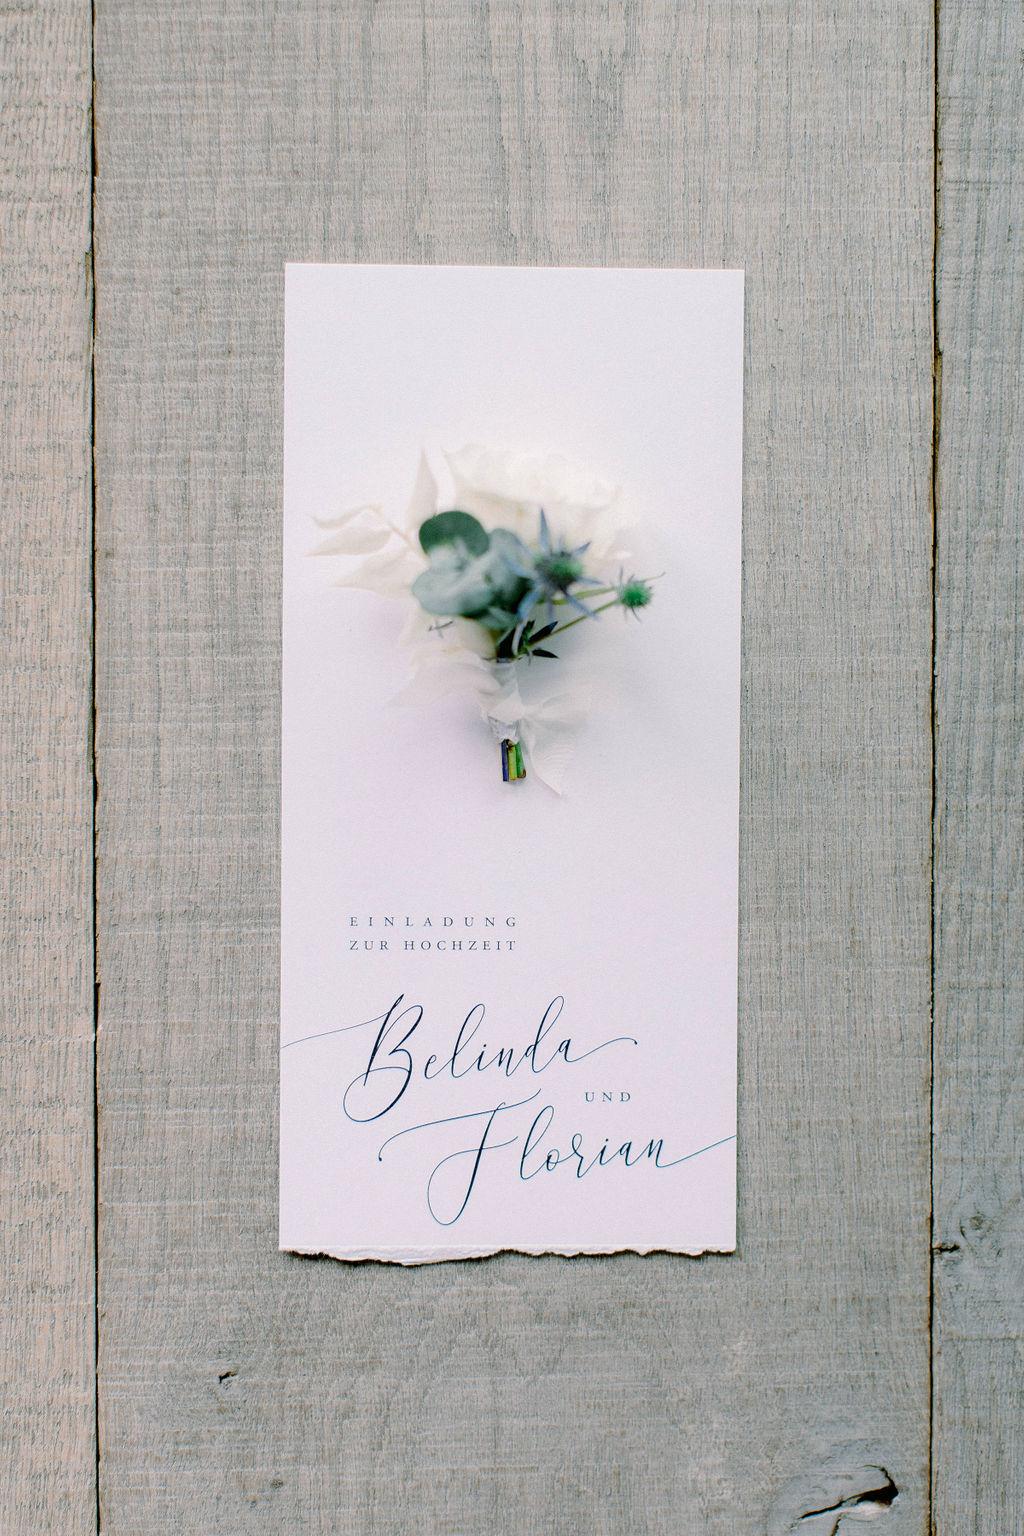 Belinda-Florian-Wedding-2019-SneakPeek-4.jpg